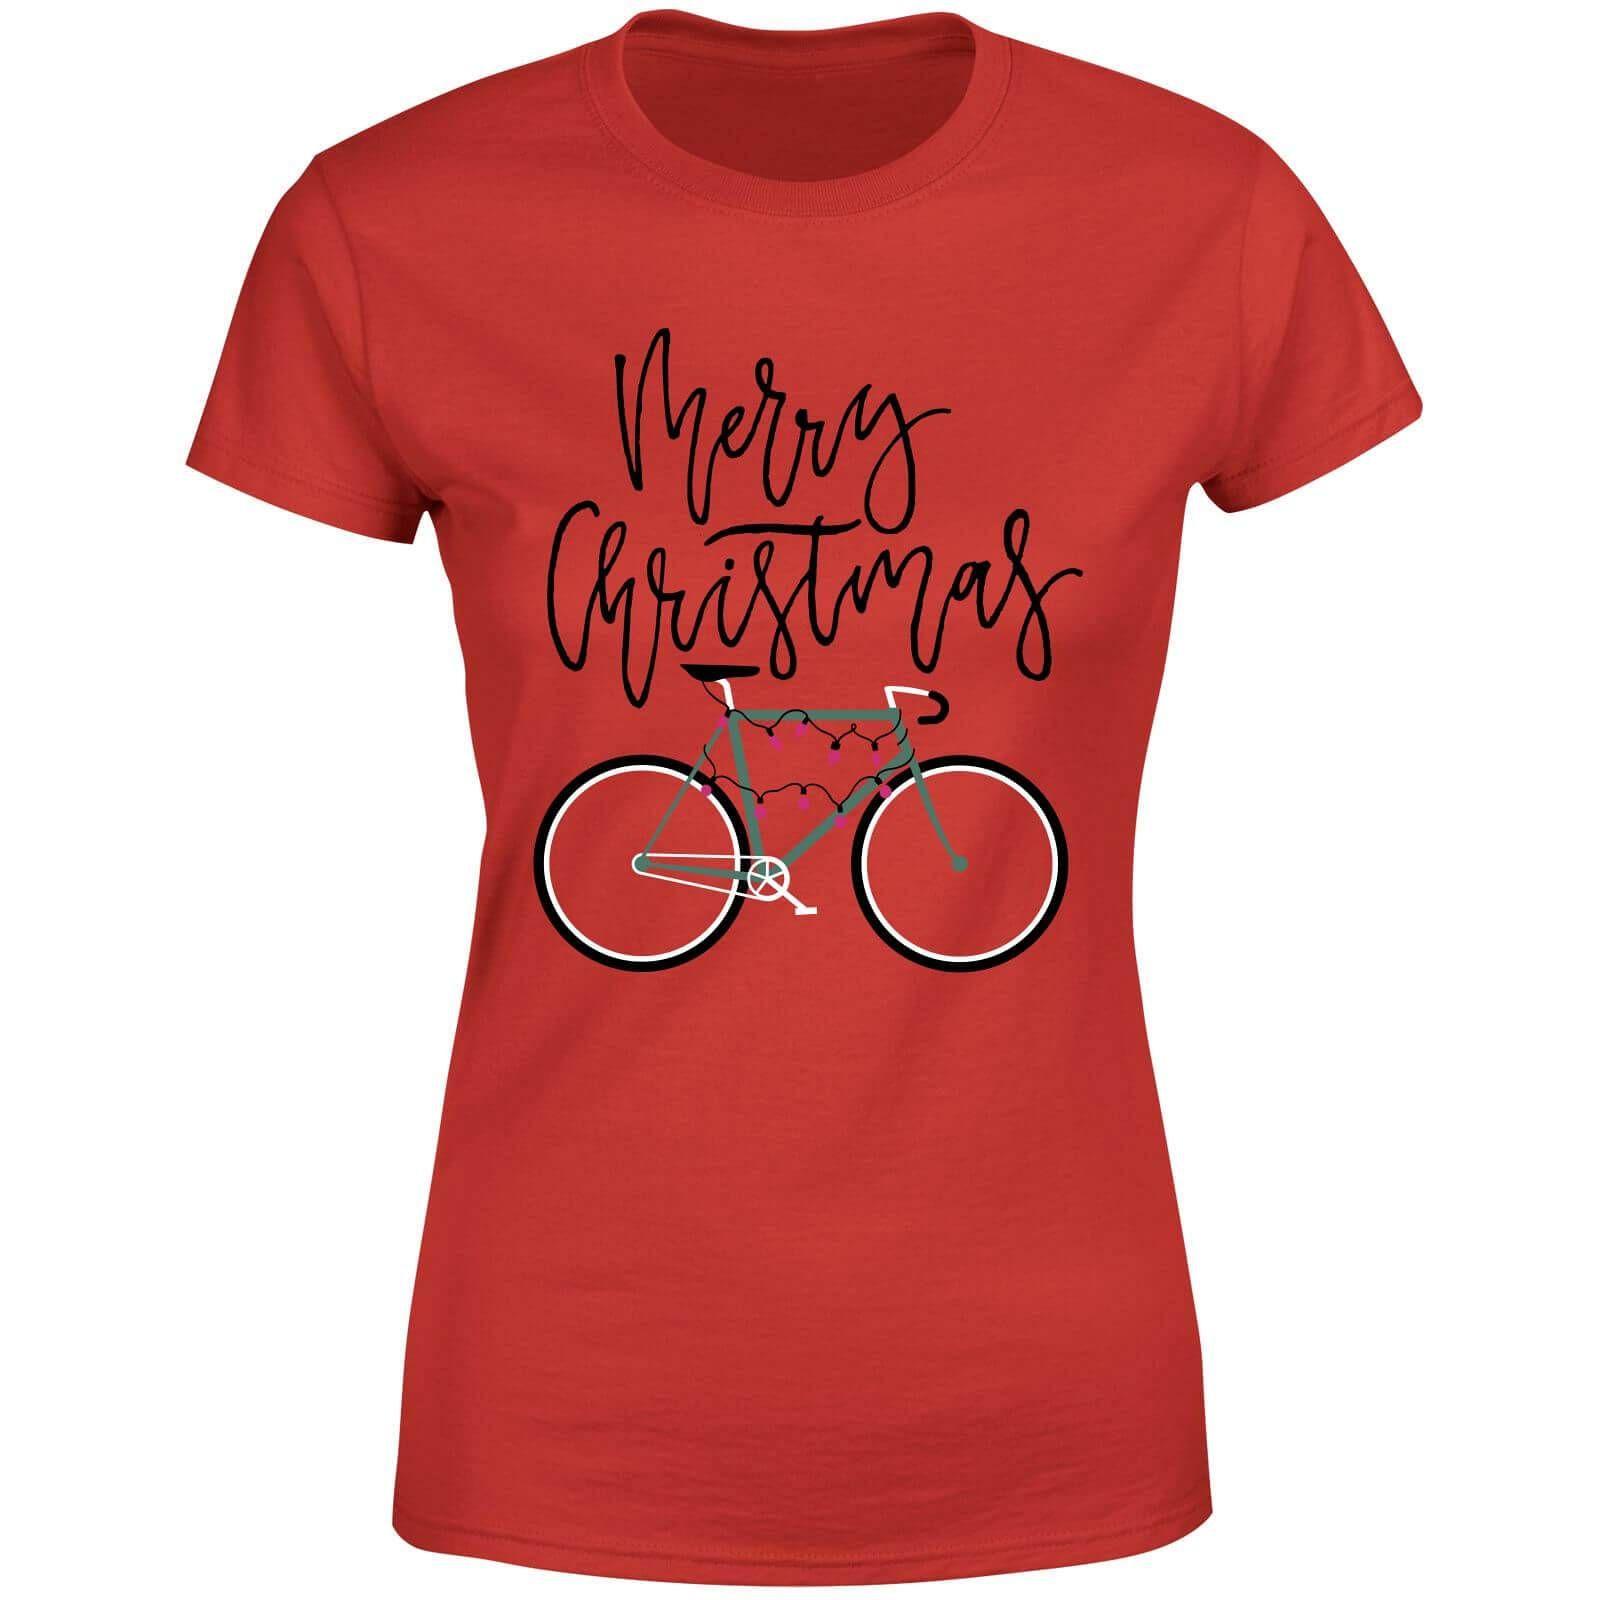 6b519c1b6a Christmas tshirts for women - Broom Wagon Bike Lights Women's Christmas T- Shirt - Red - M - Red